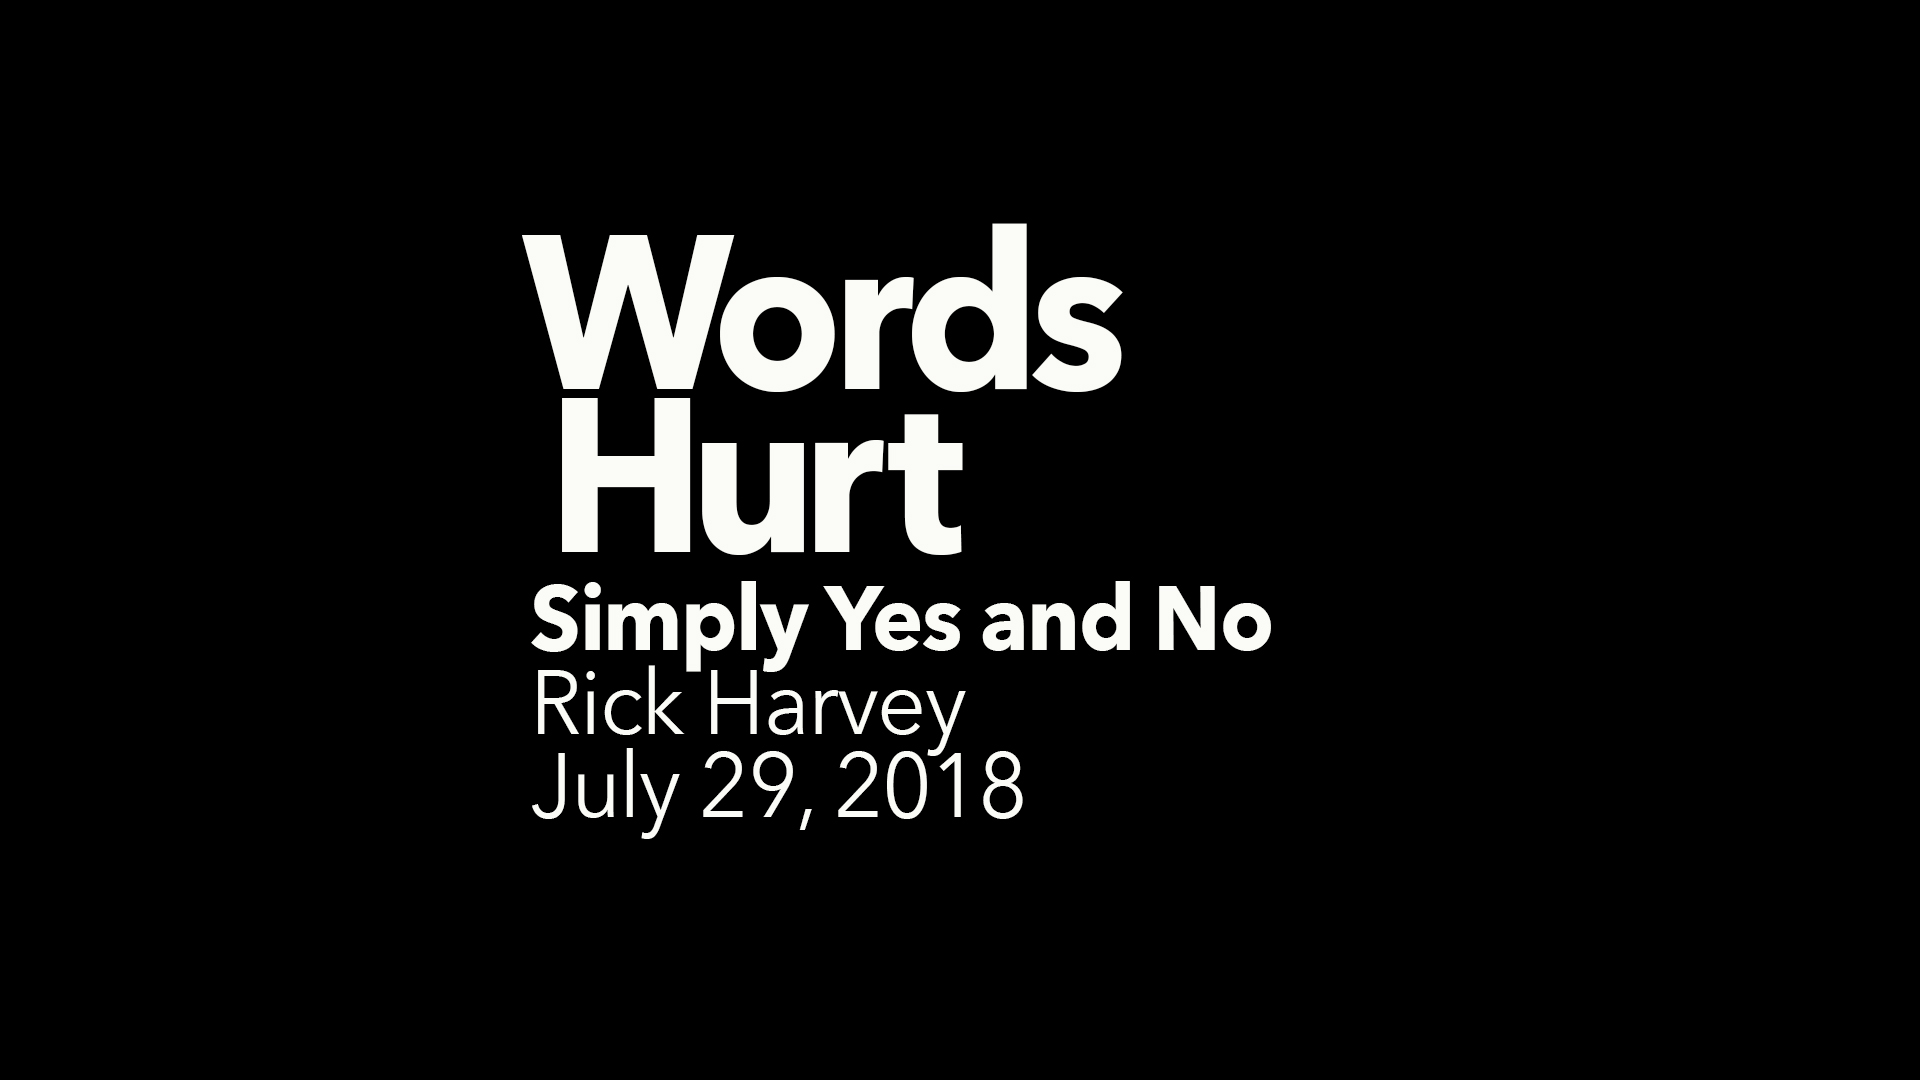 WordsHurt - Vimeo 7.29.jpg